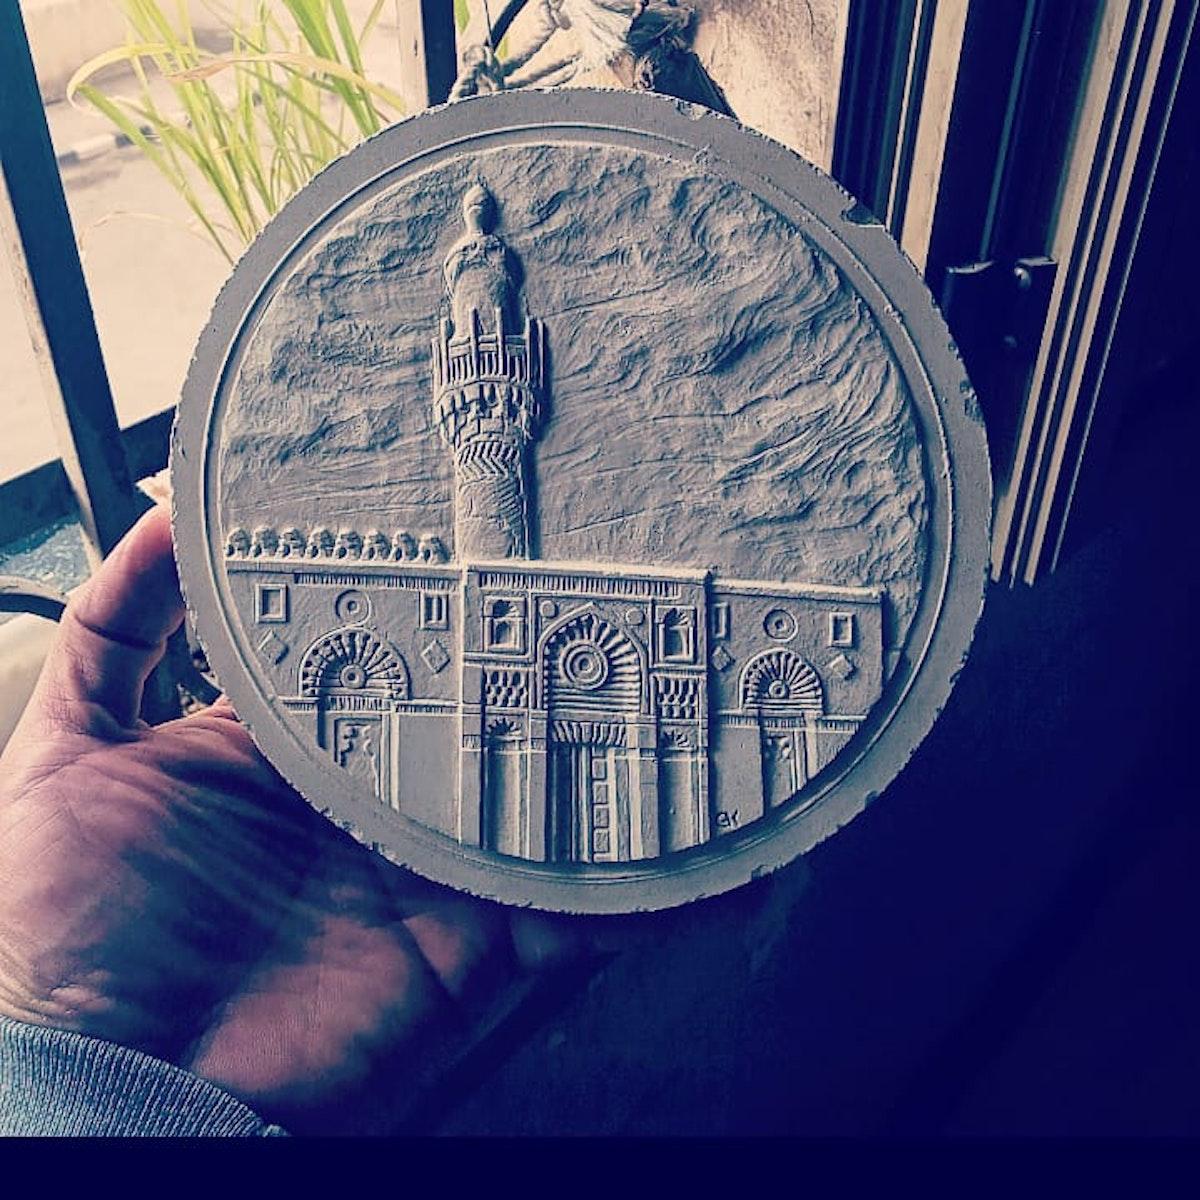 """منحوتة """"جامع الأقمر"""" ضمن مجموعة الميداليات التذكارية للقاهرة التاريخية - مصلحة الخزانة العامة وسك العملة المصرية"""